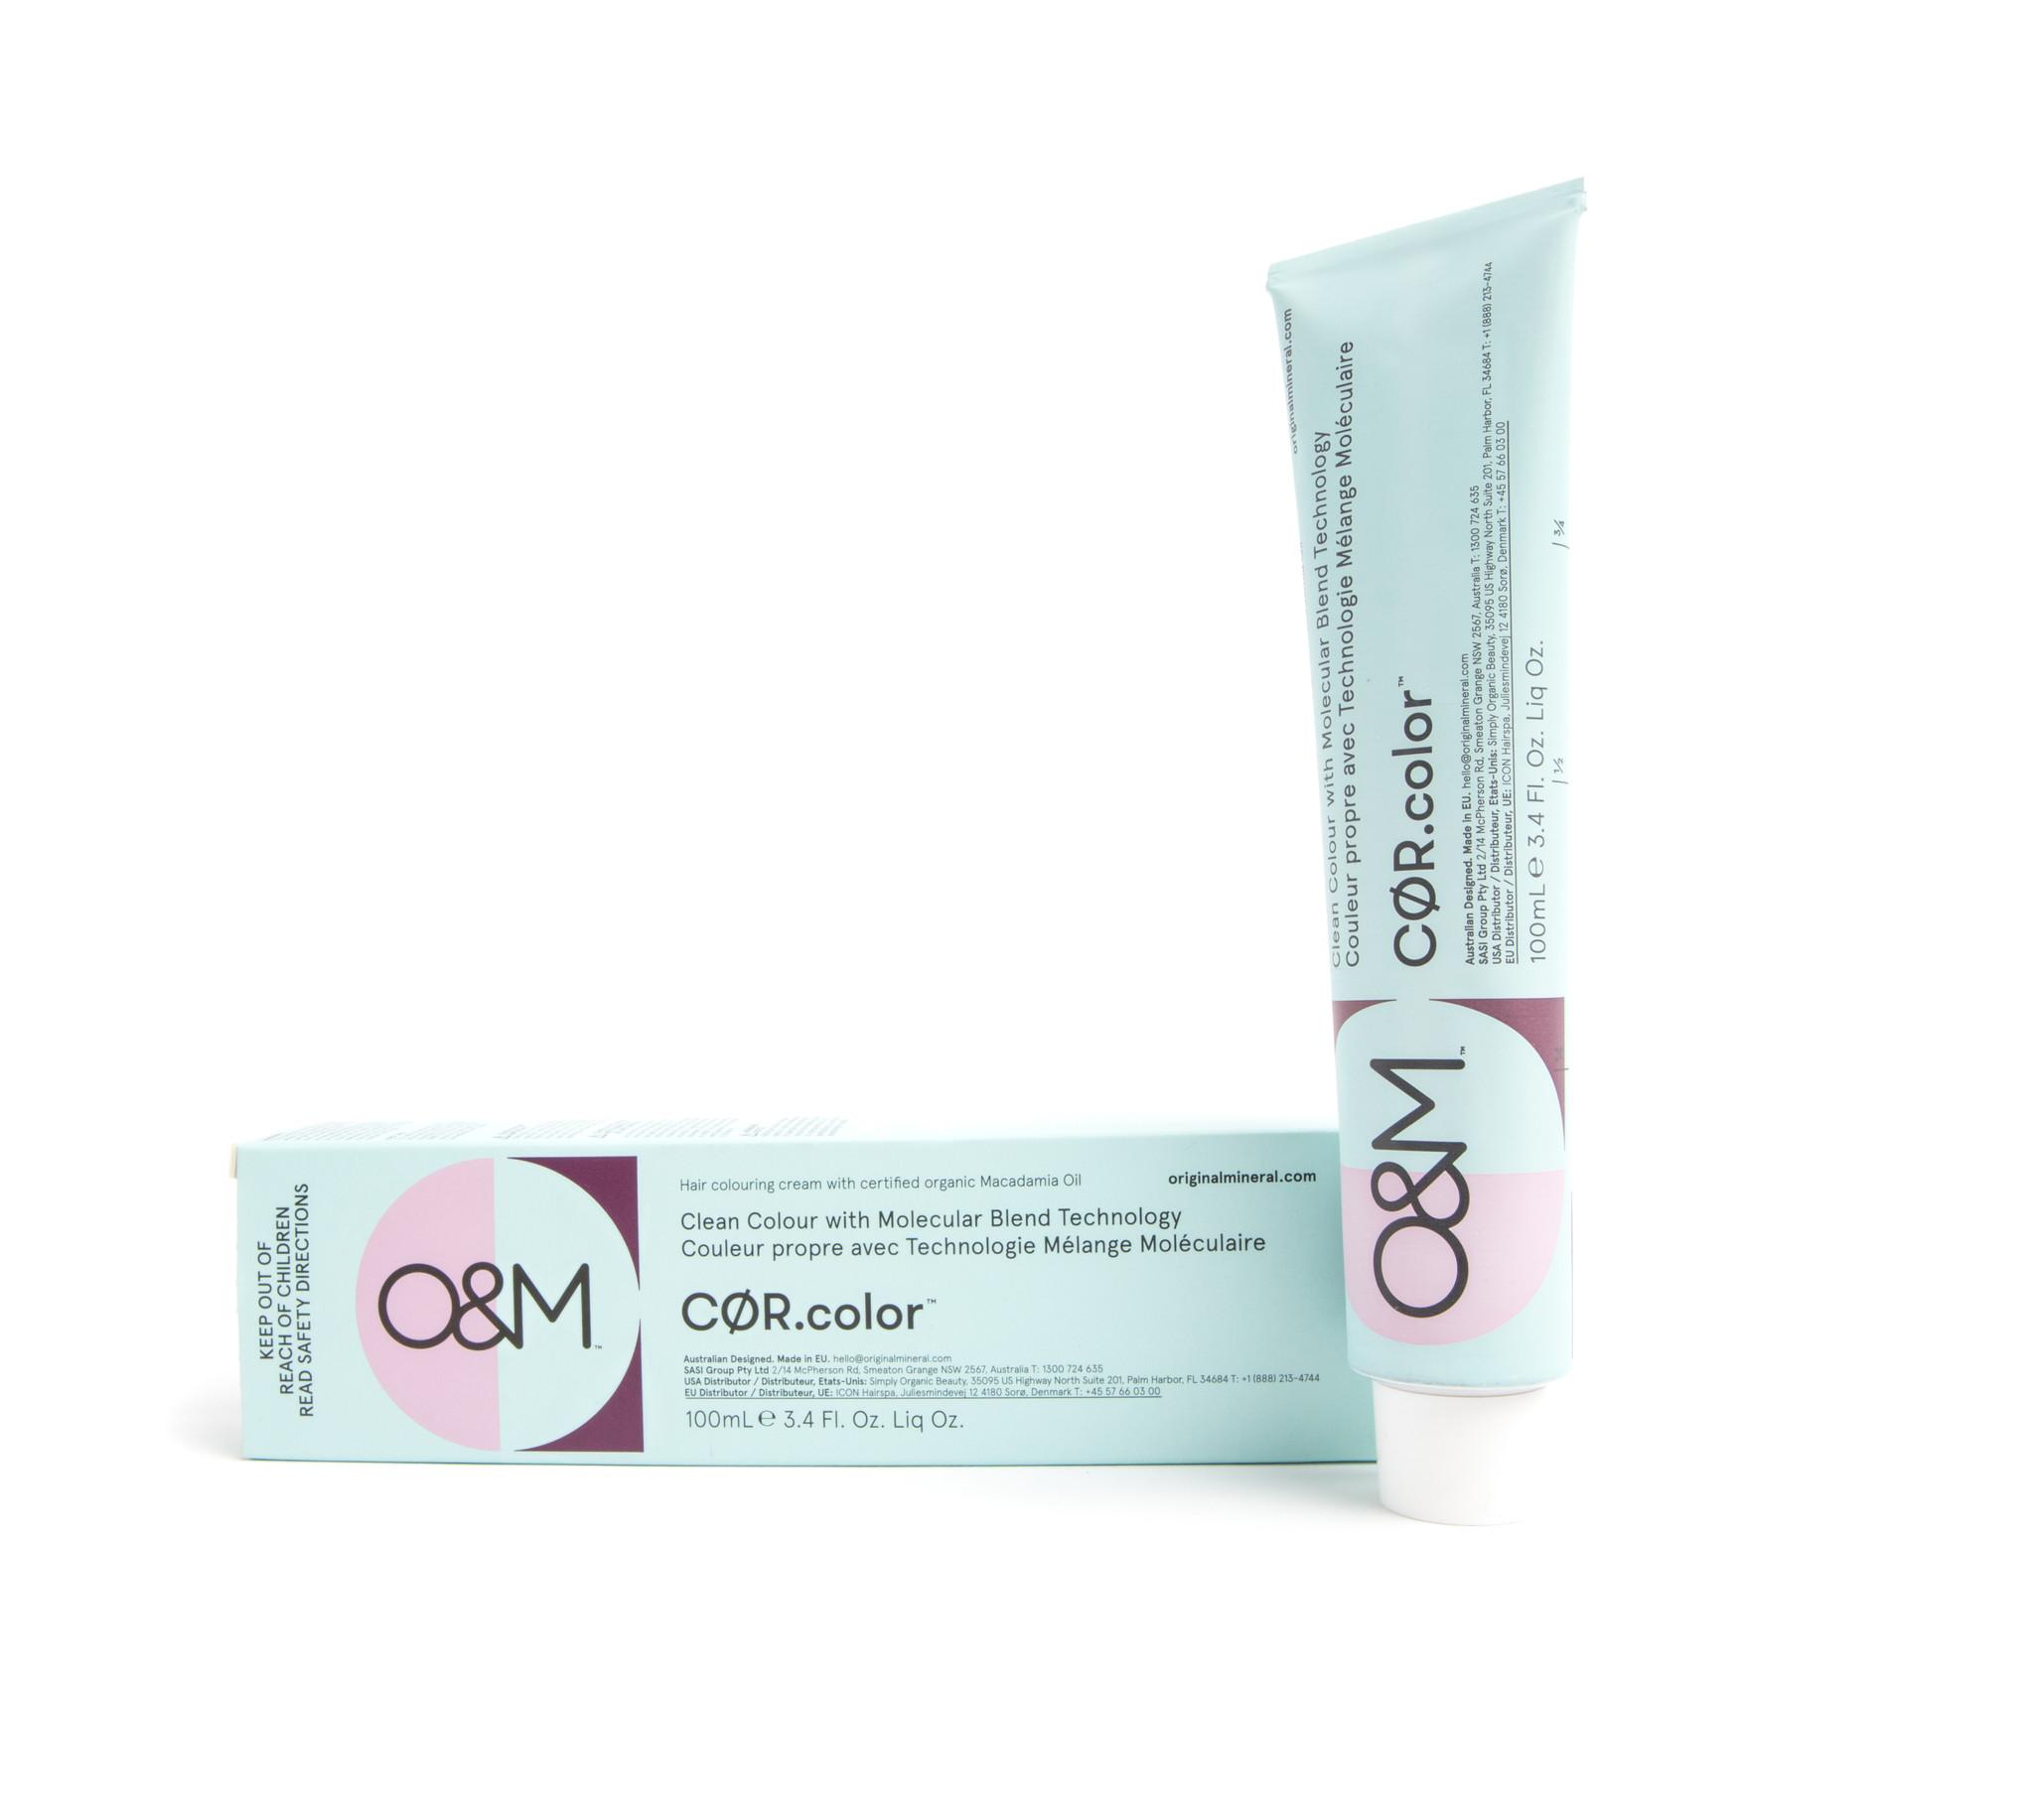 O&M - Original Mineral O&M CØR.color Ash 0.11 - 100g